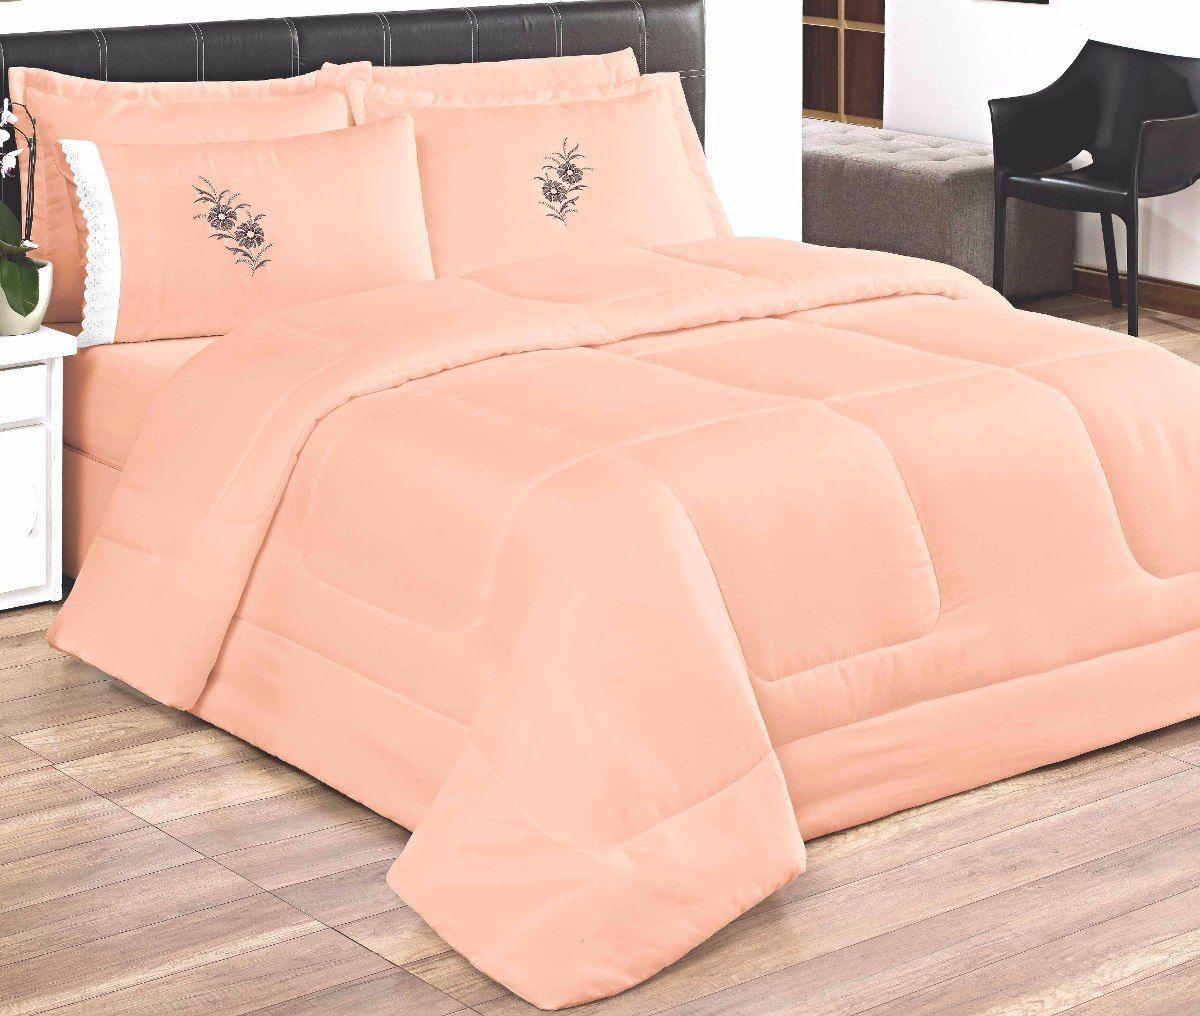 Cobre Leito Casal King Kit Conforto  + 1 Lençol de Elástico 6 PÇS - Rosa Salmão